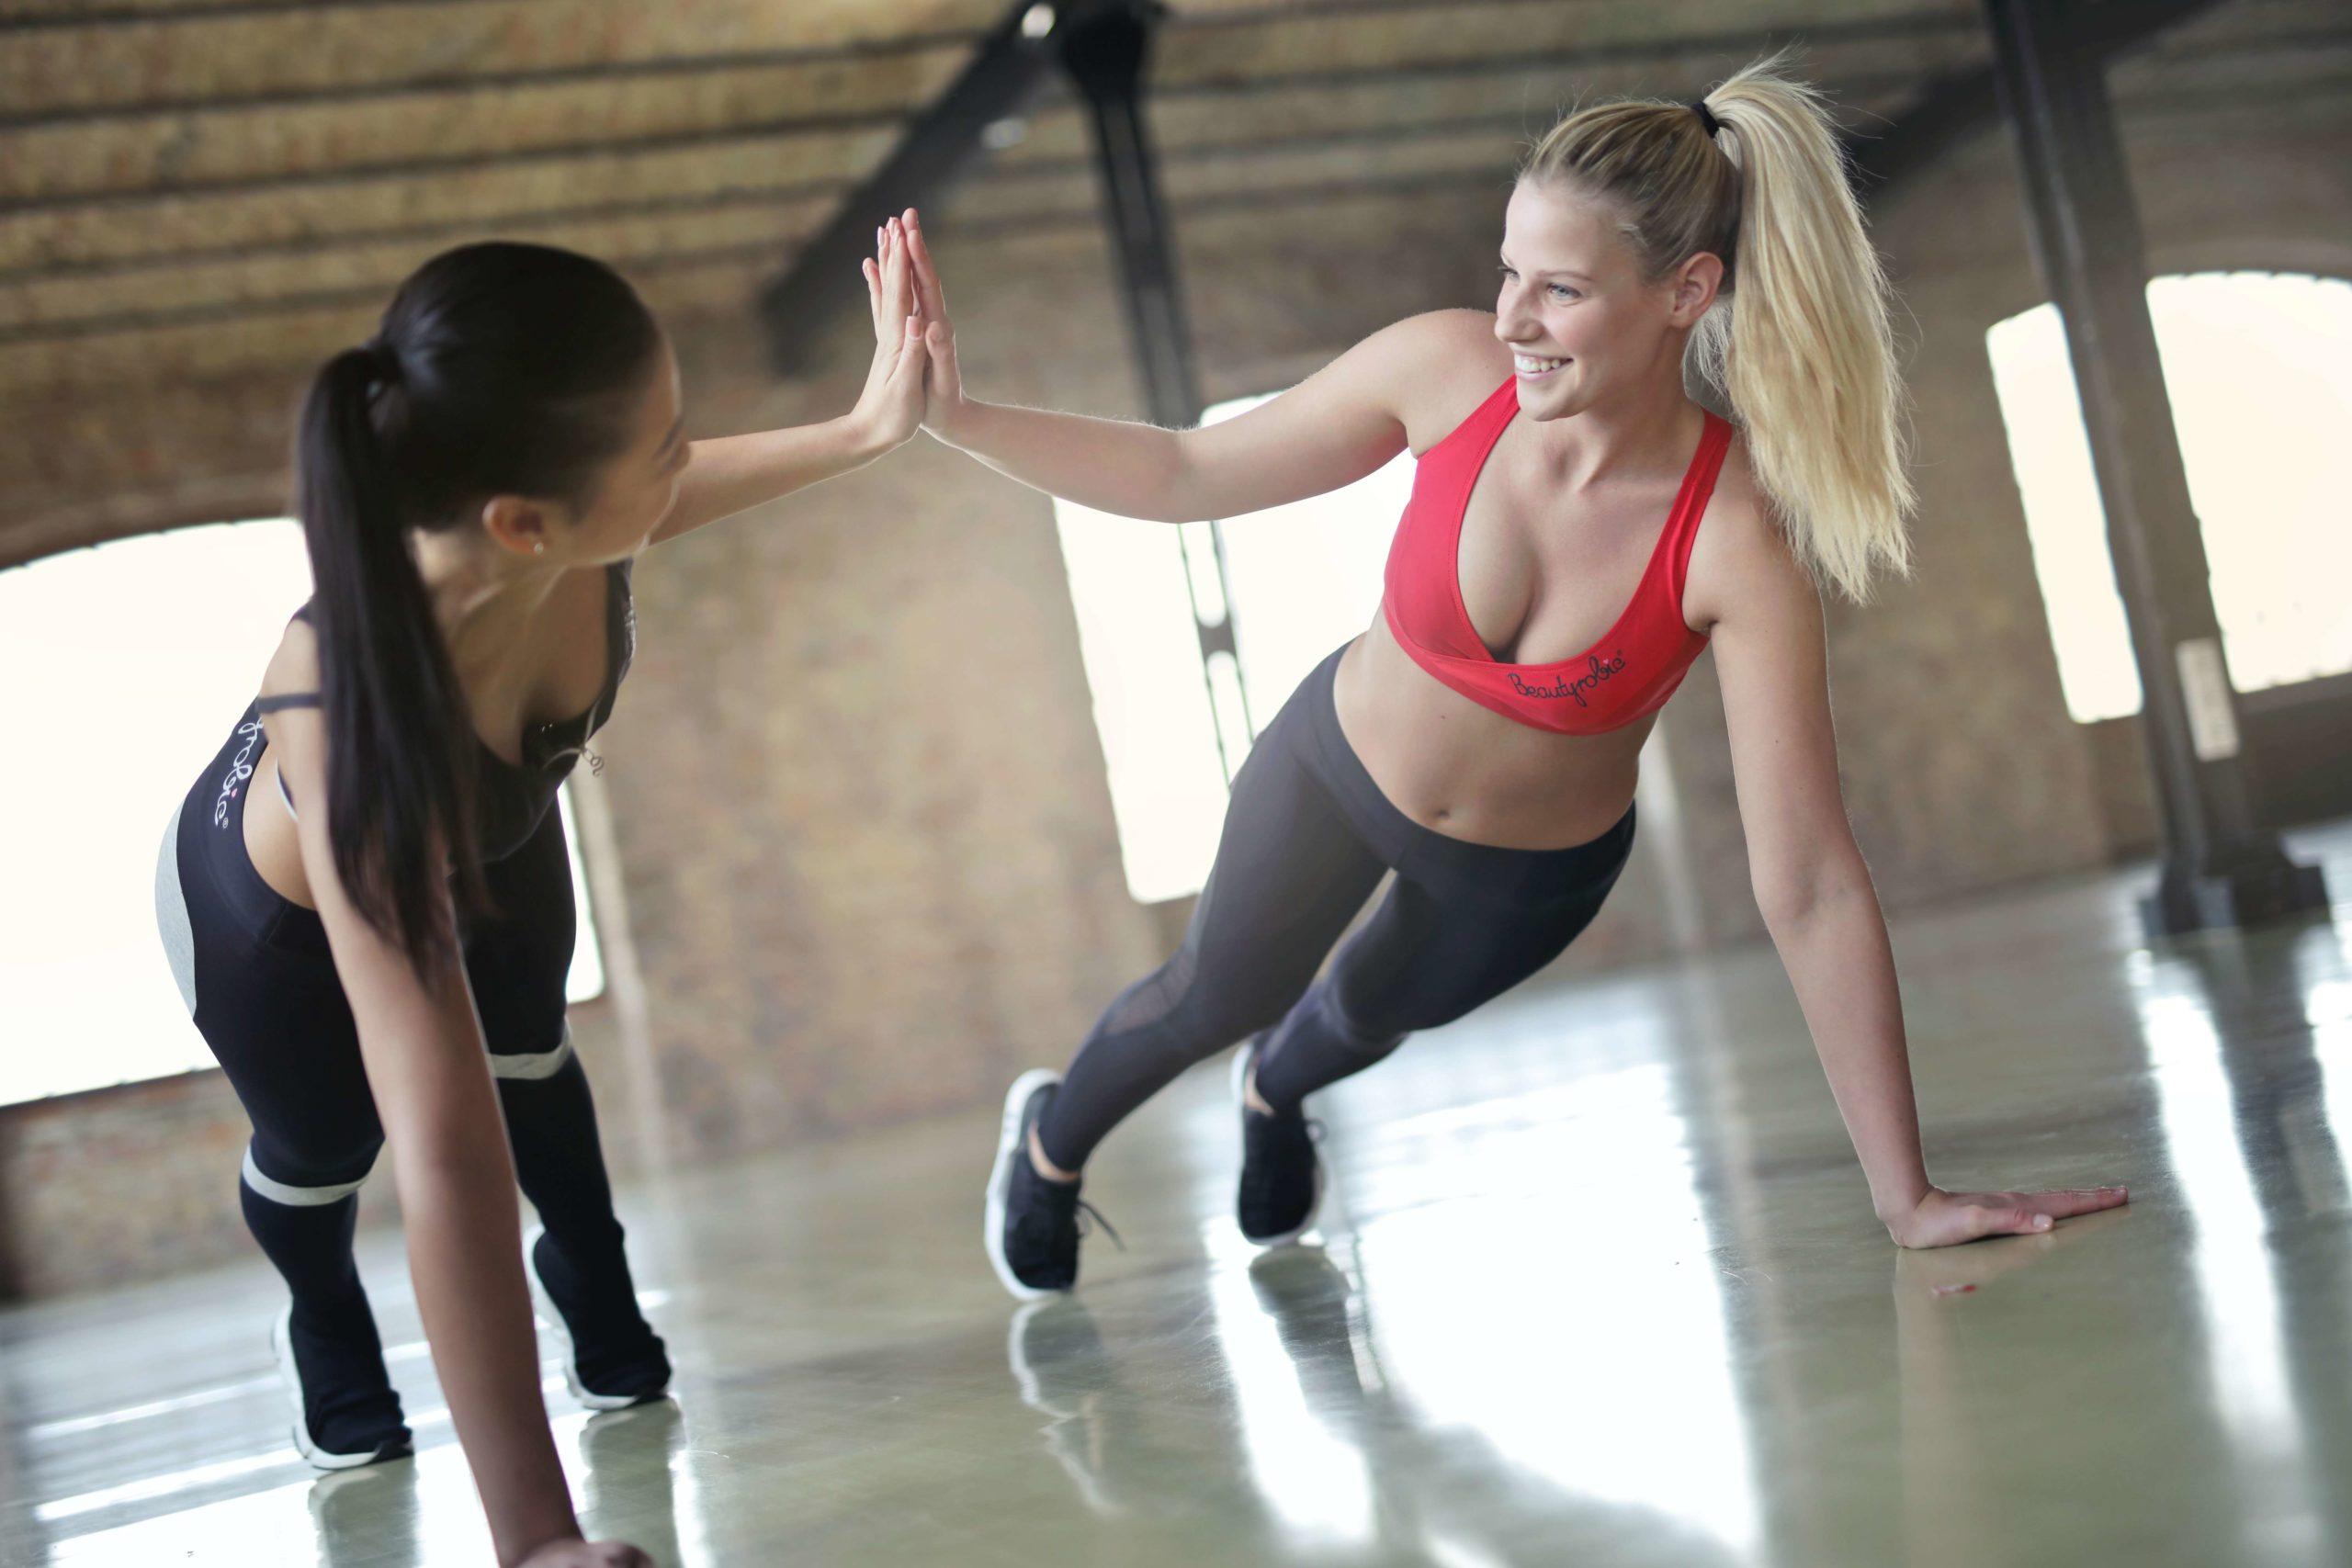 Réalise des entraînements métaboliques pour opérer une transformation physique